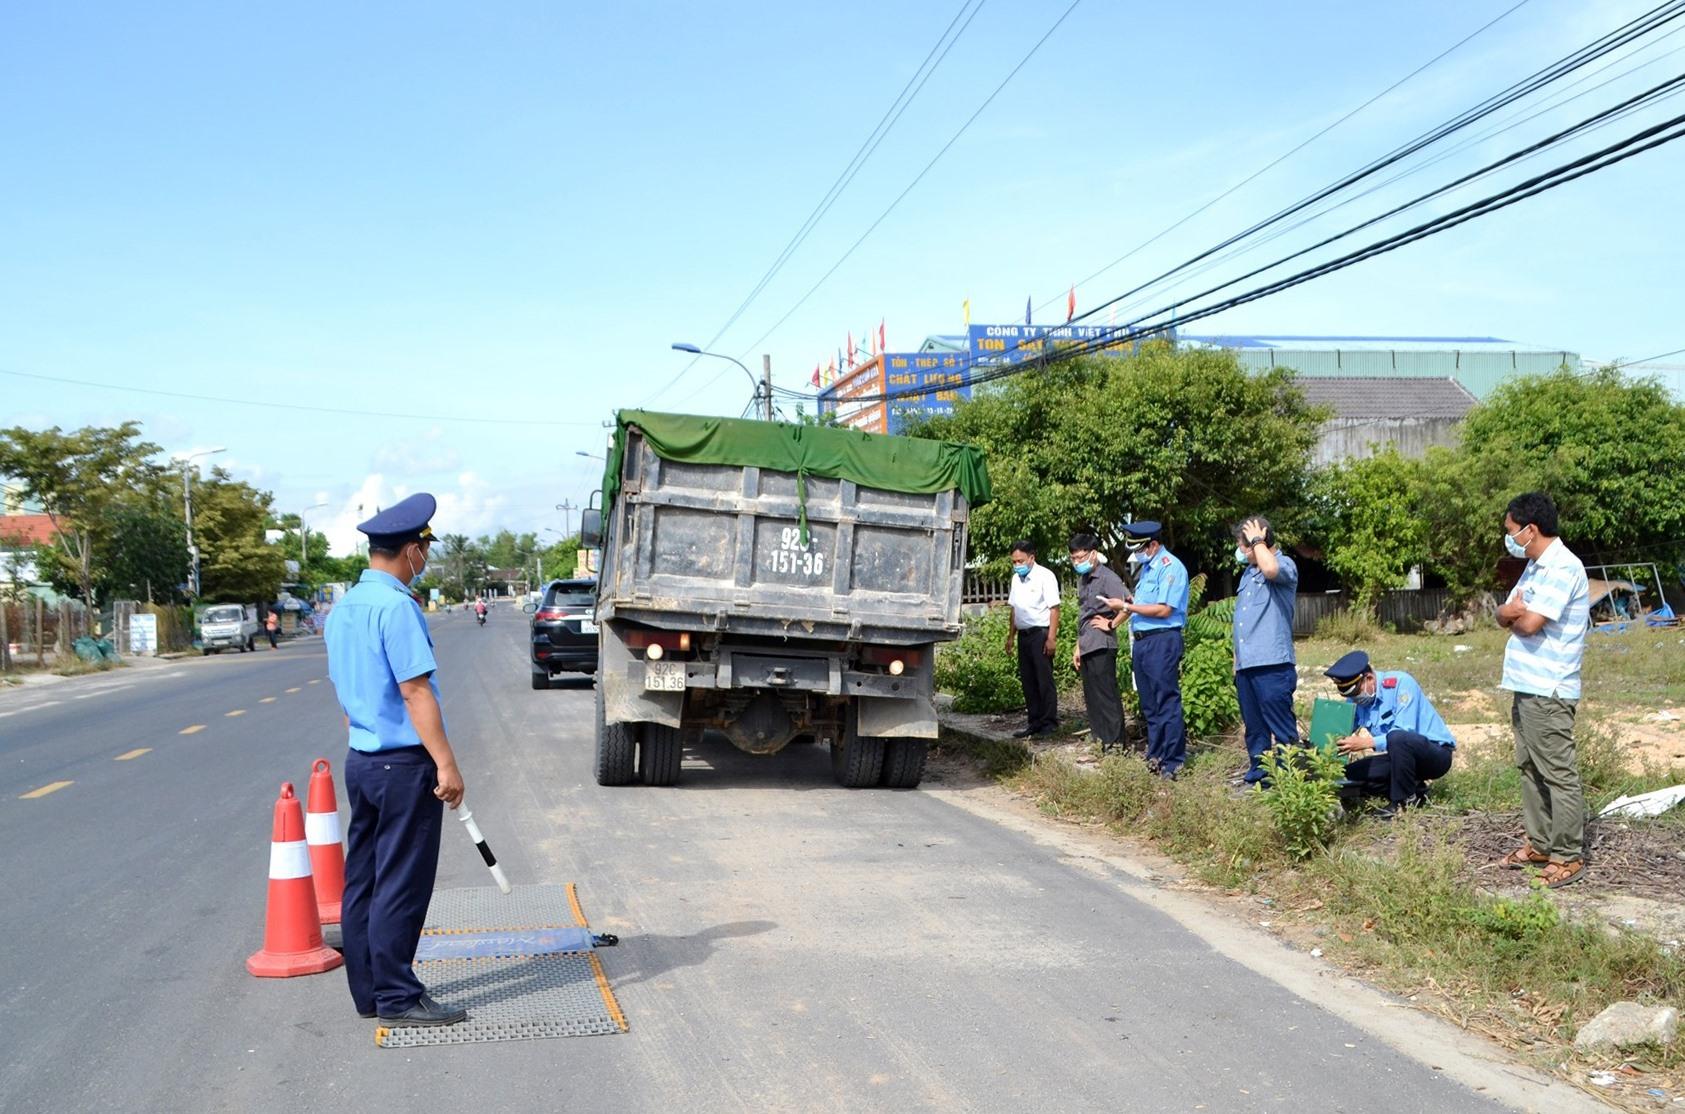 Thanh tra Sở GTVT kiểm soát tải trọng phương tiện trên quốc lộ 40B. Ảnh: CT